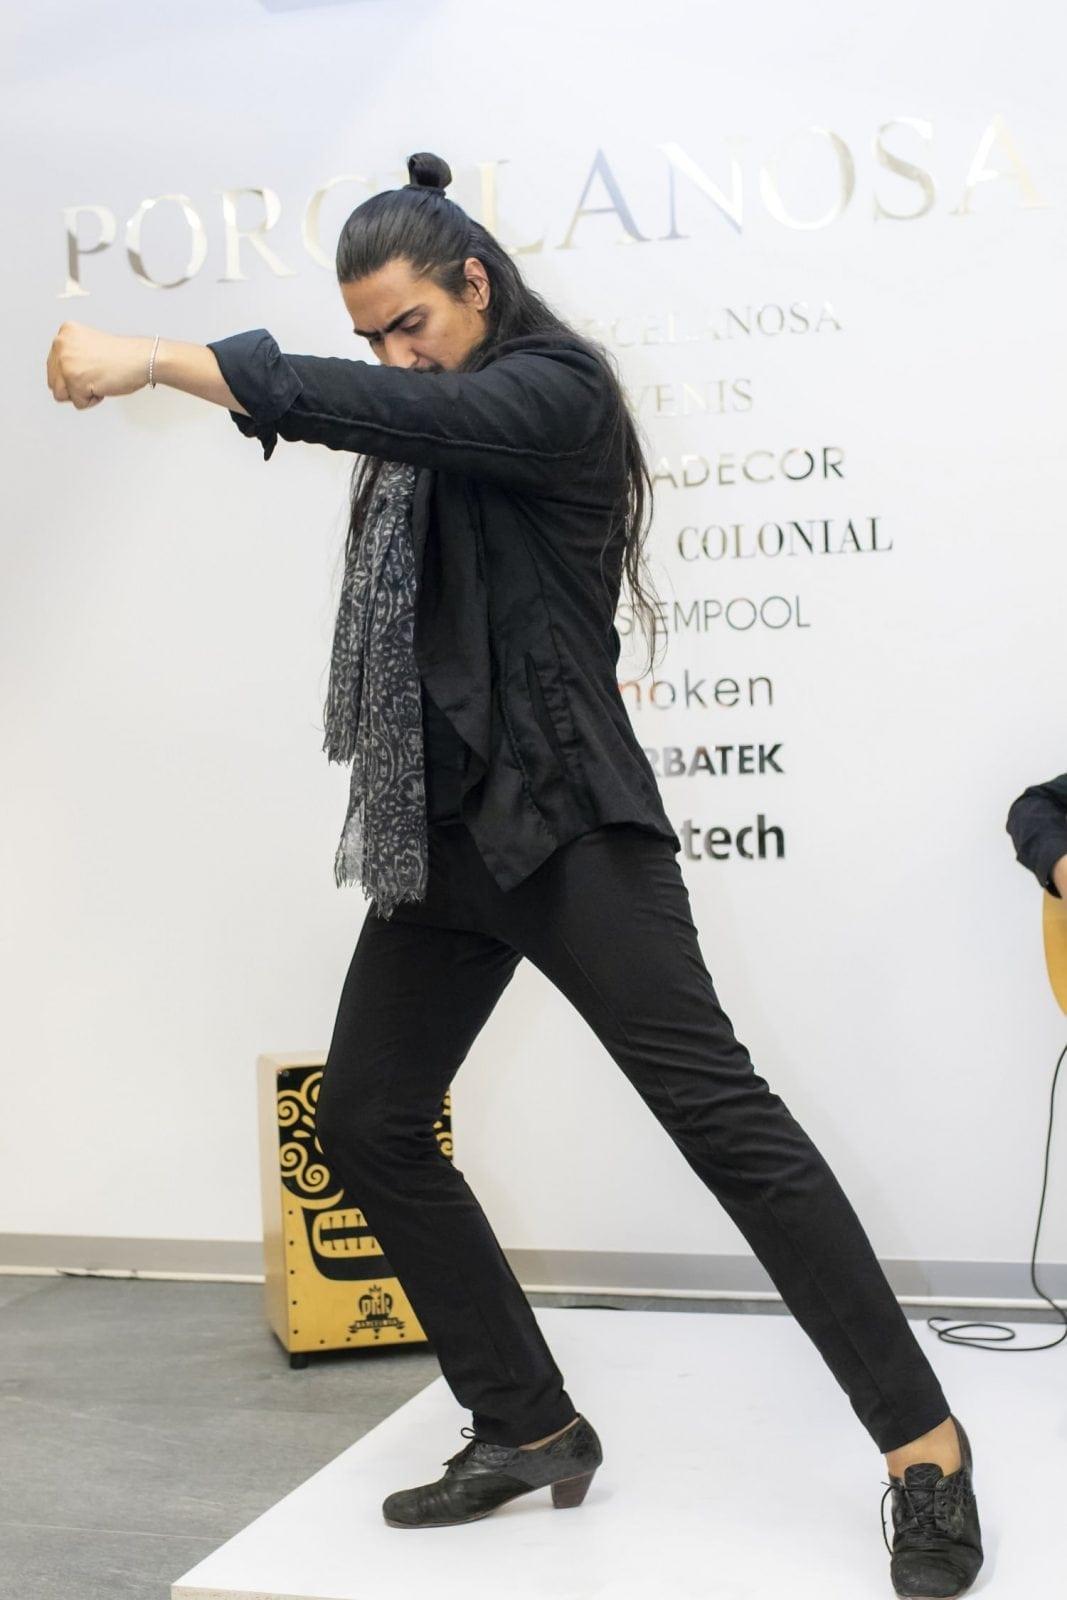 Flamenco Lucas Molna 2 - Grupul spaniol Porcelanosa a deschis un showroom în București în parteneriat cu Delta Studio, în urma unei investiții de aproximativ o jumătate de milion de euro